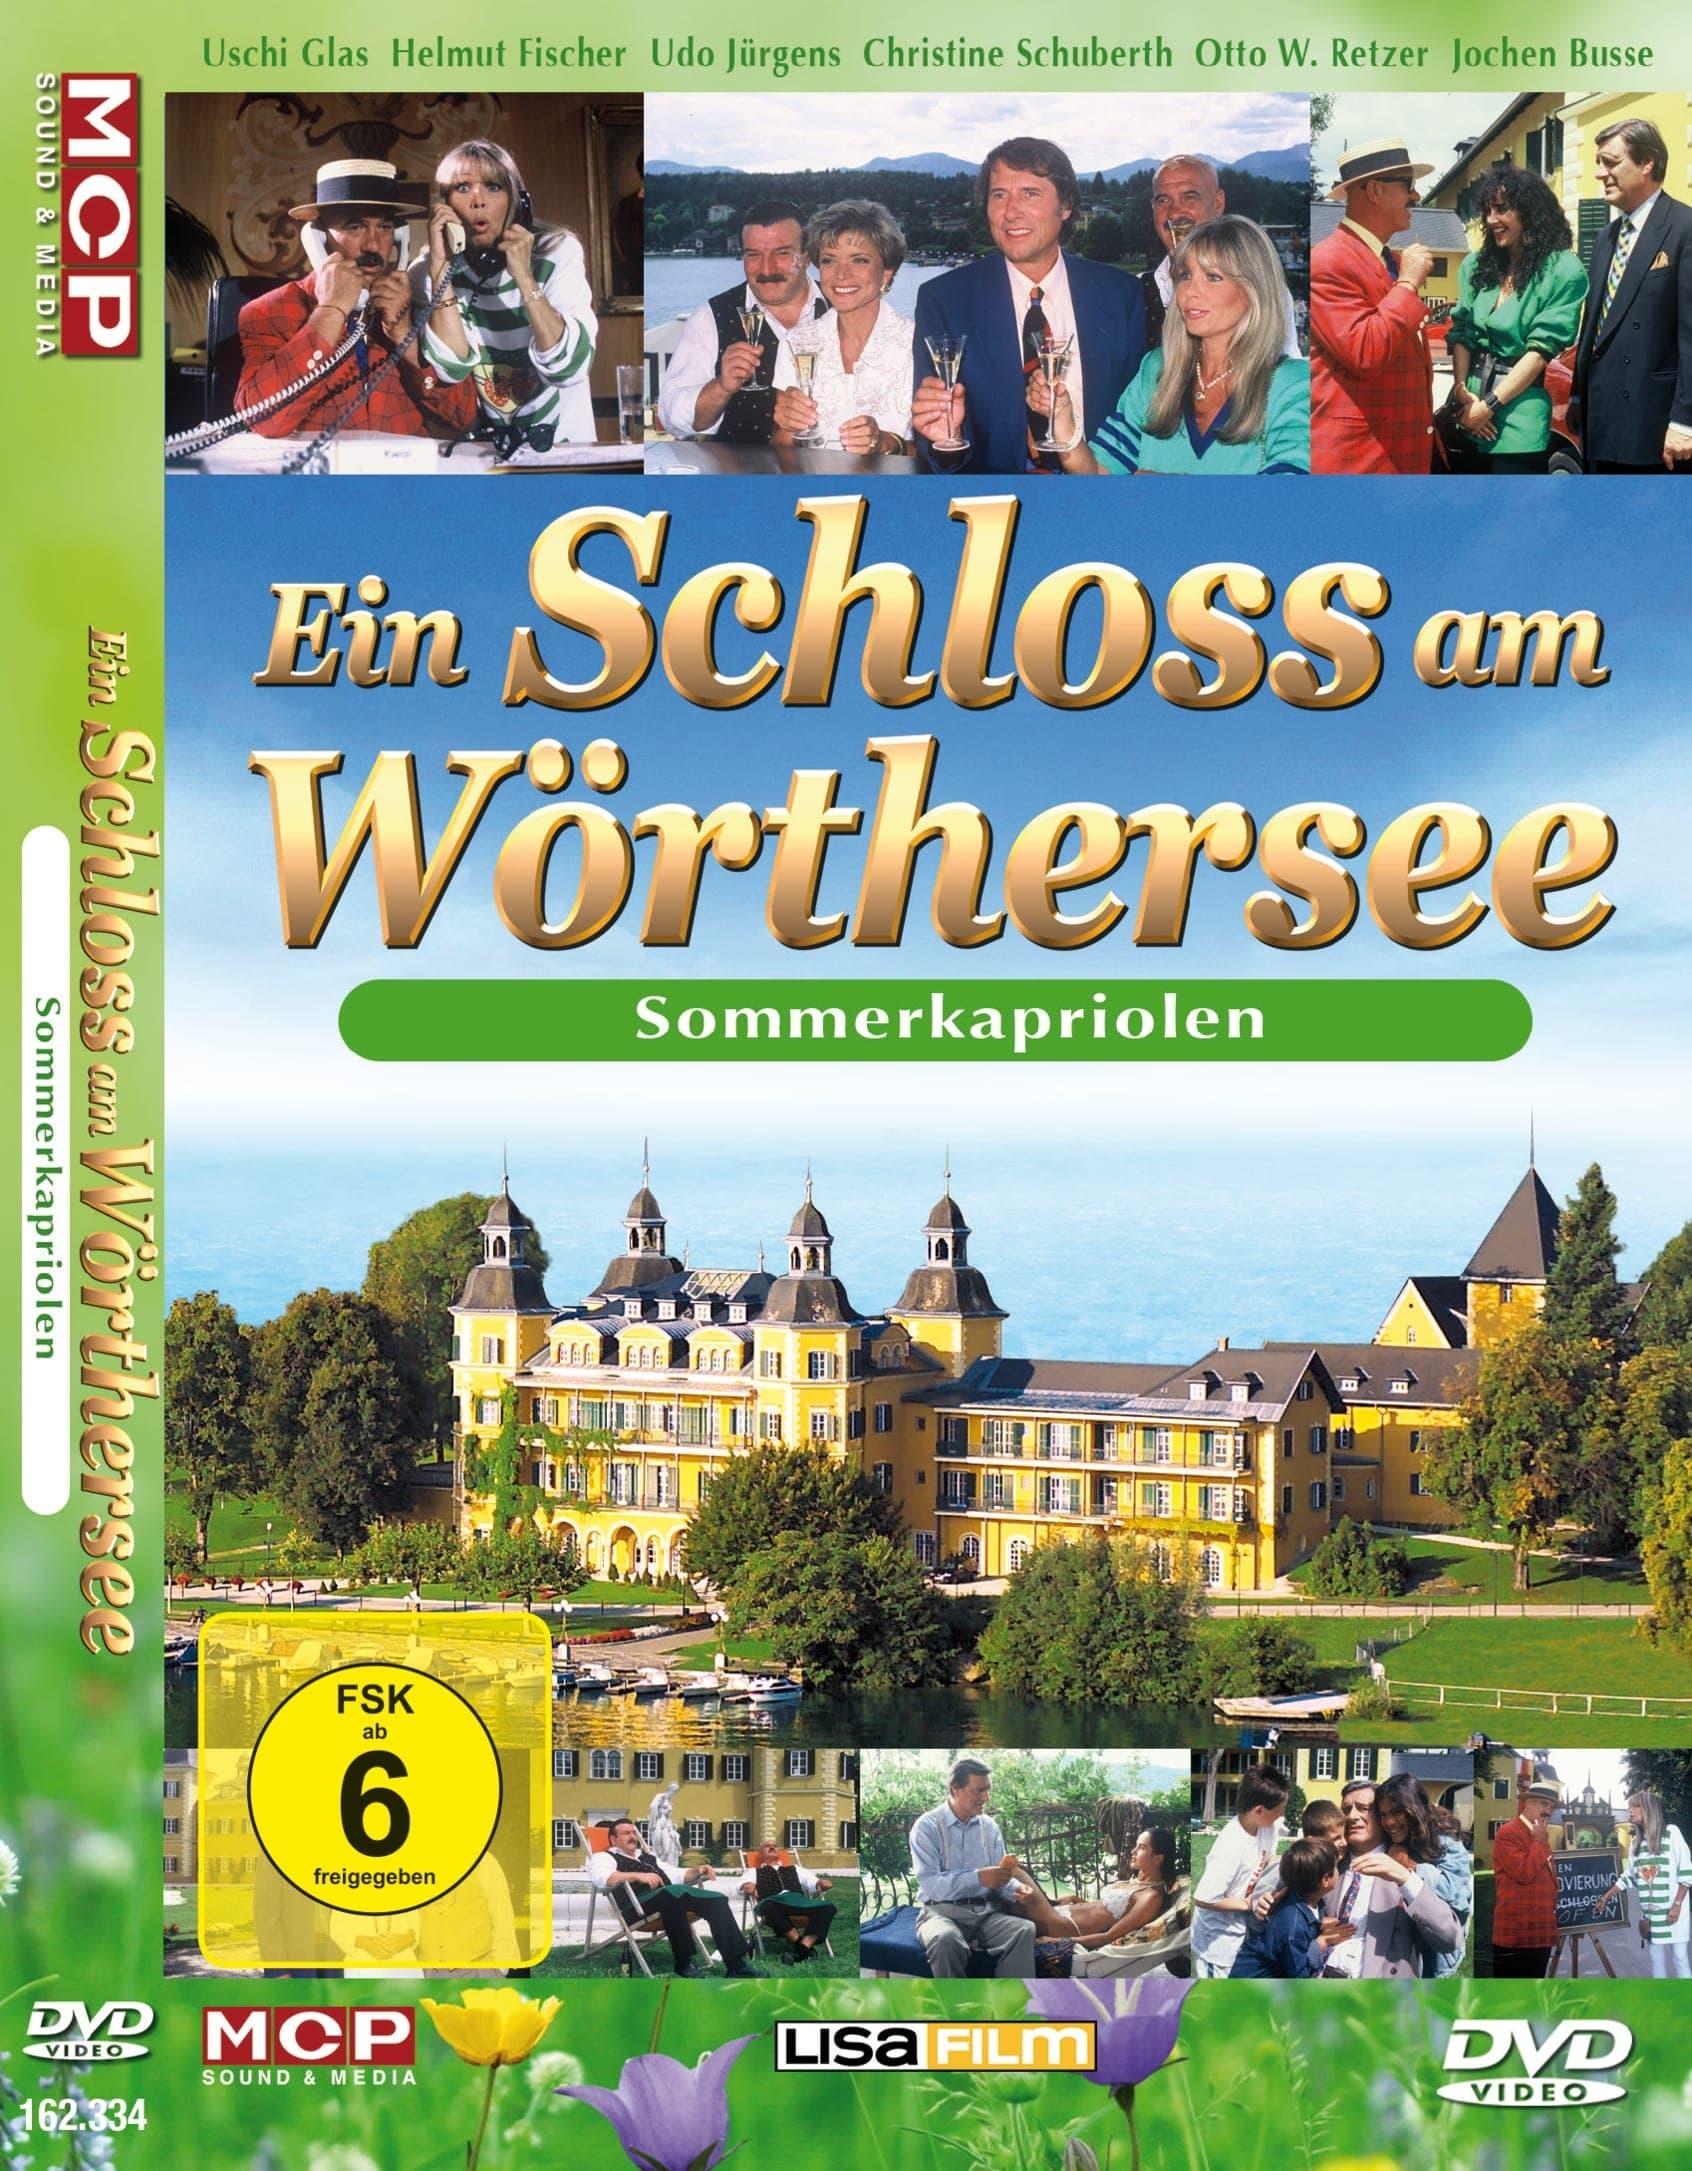 Ein Schloss am Wörthersee - Sommerkapriolen